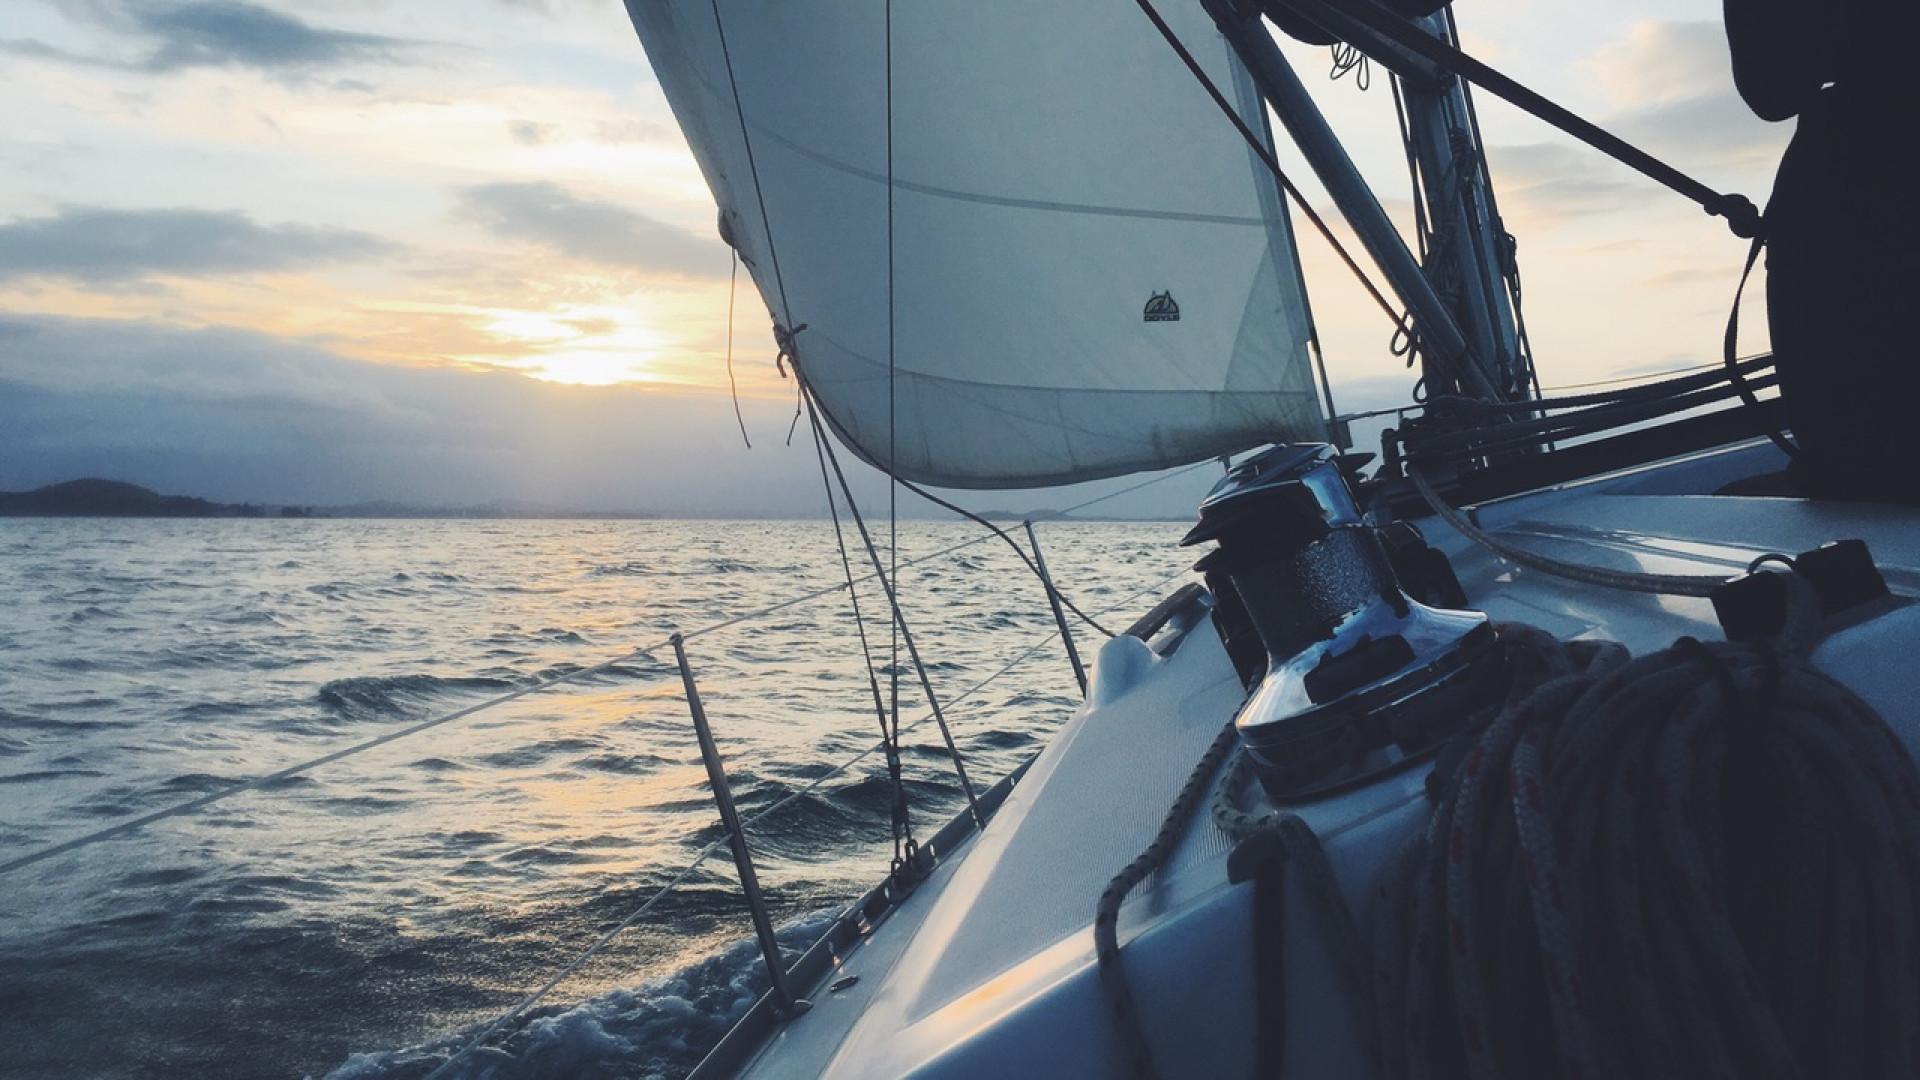 Vacances estivales  : bénéficier d'un lieu de villégiature proche de Bénodet